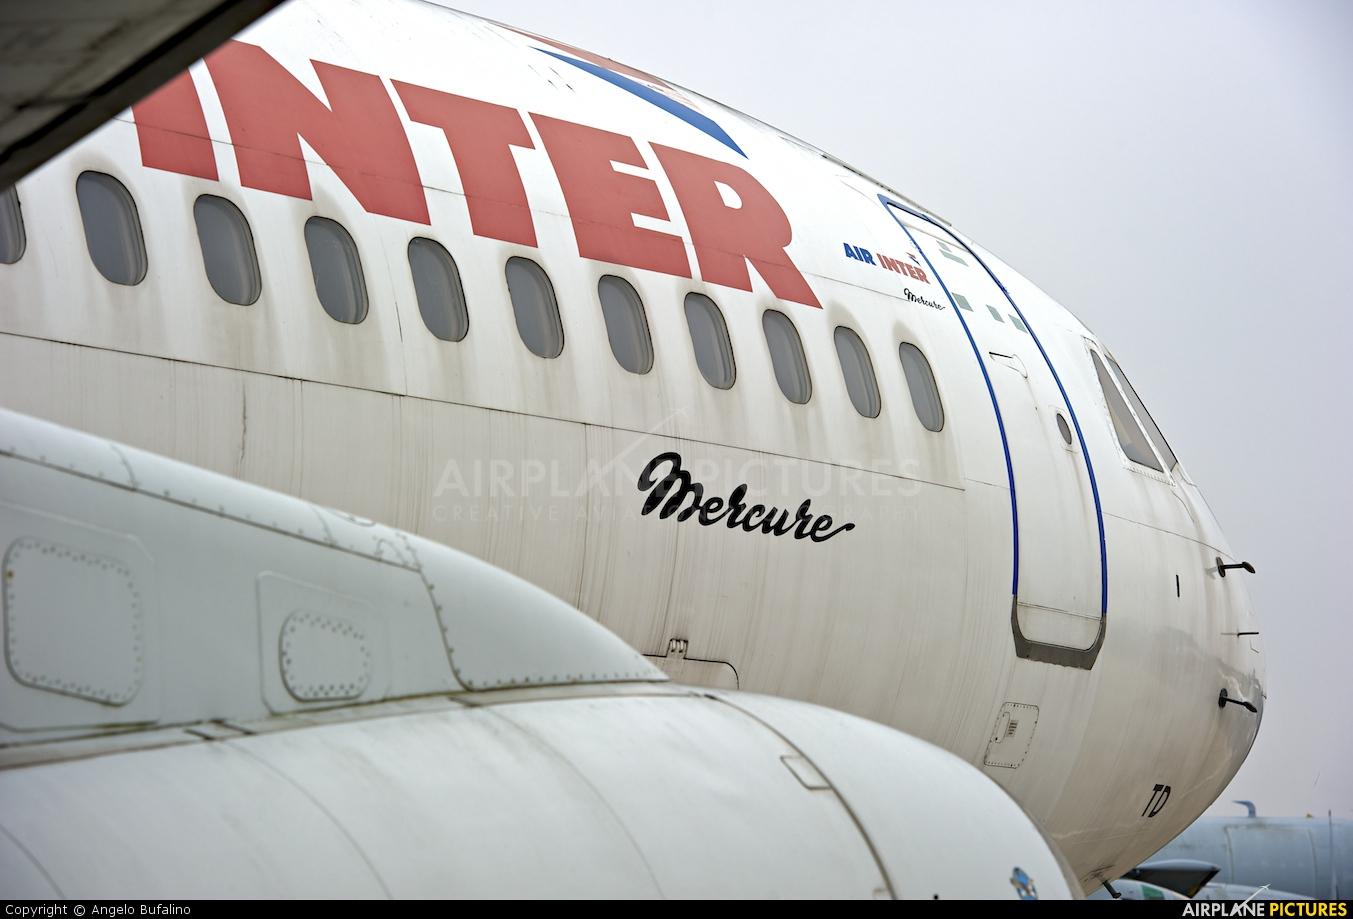 Air Inter F-BTTD aircraft at Paris - Le Bourget